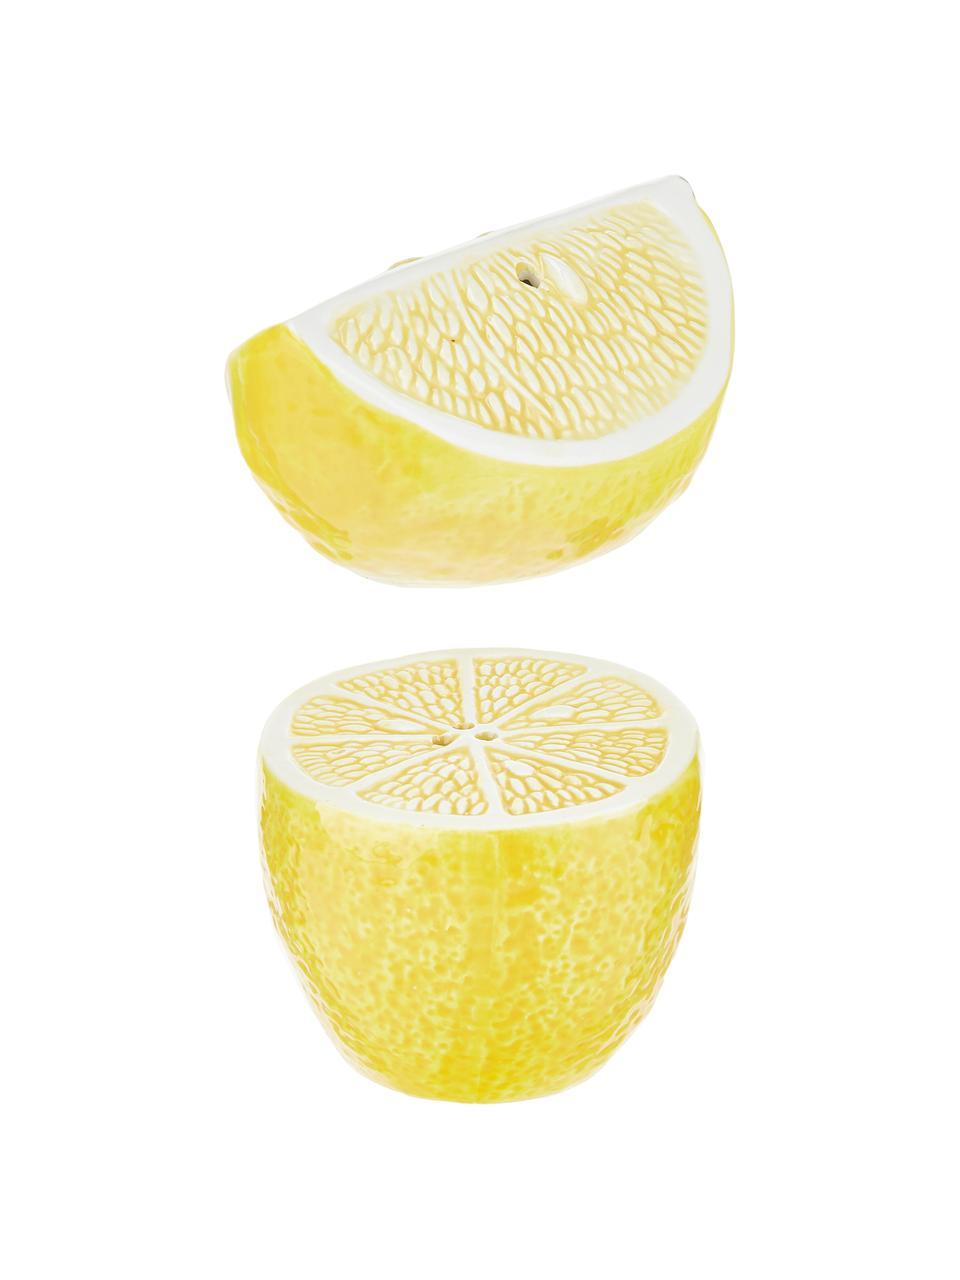 Zout- en peperstrooierset Lemon, 2-delig, Porselein (dolomiet), Wit, geel, 7 x 7 cm